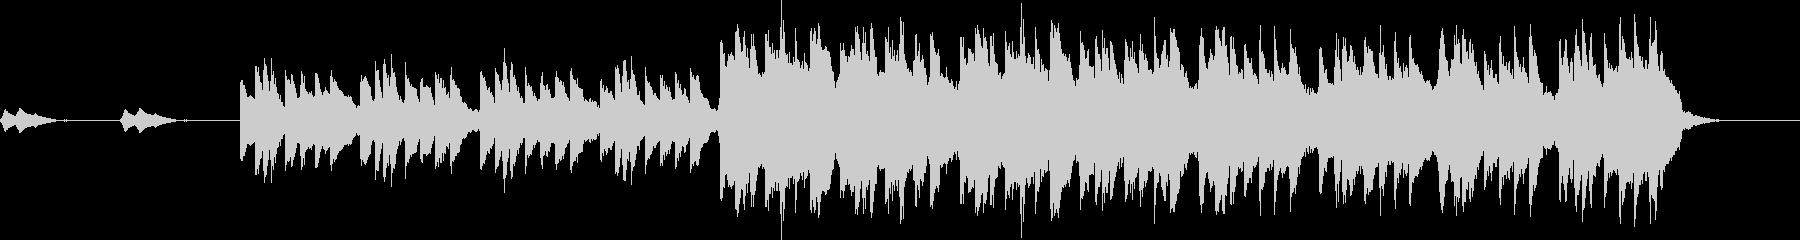 不穏ピアノの旋律が印象的なホラーバラードの未再生の波形